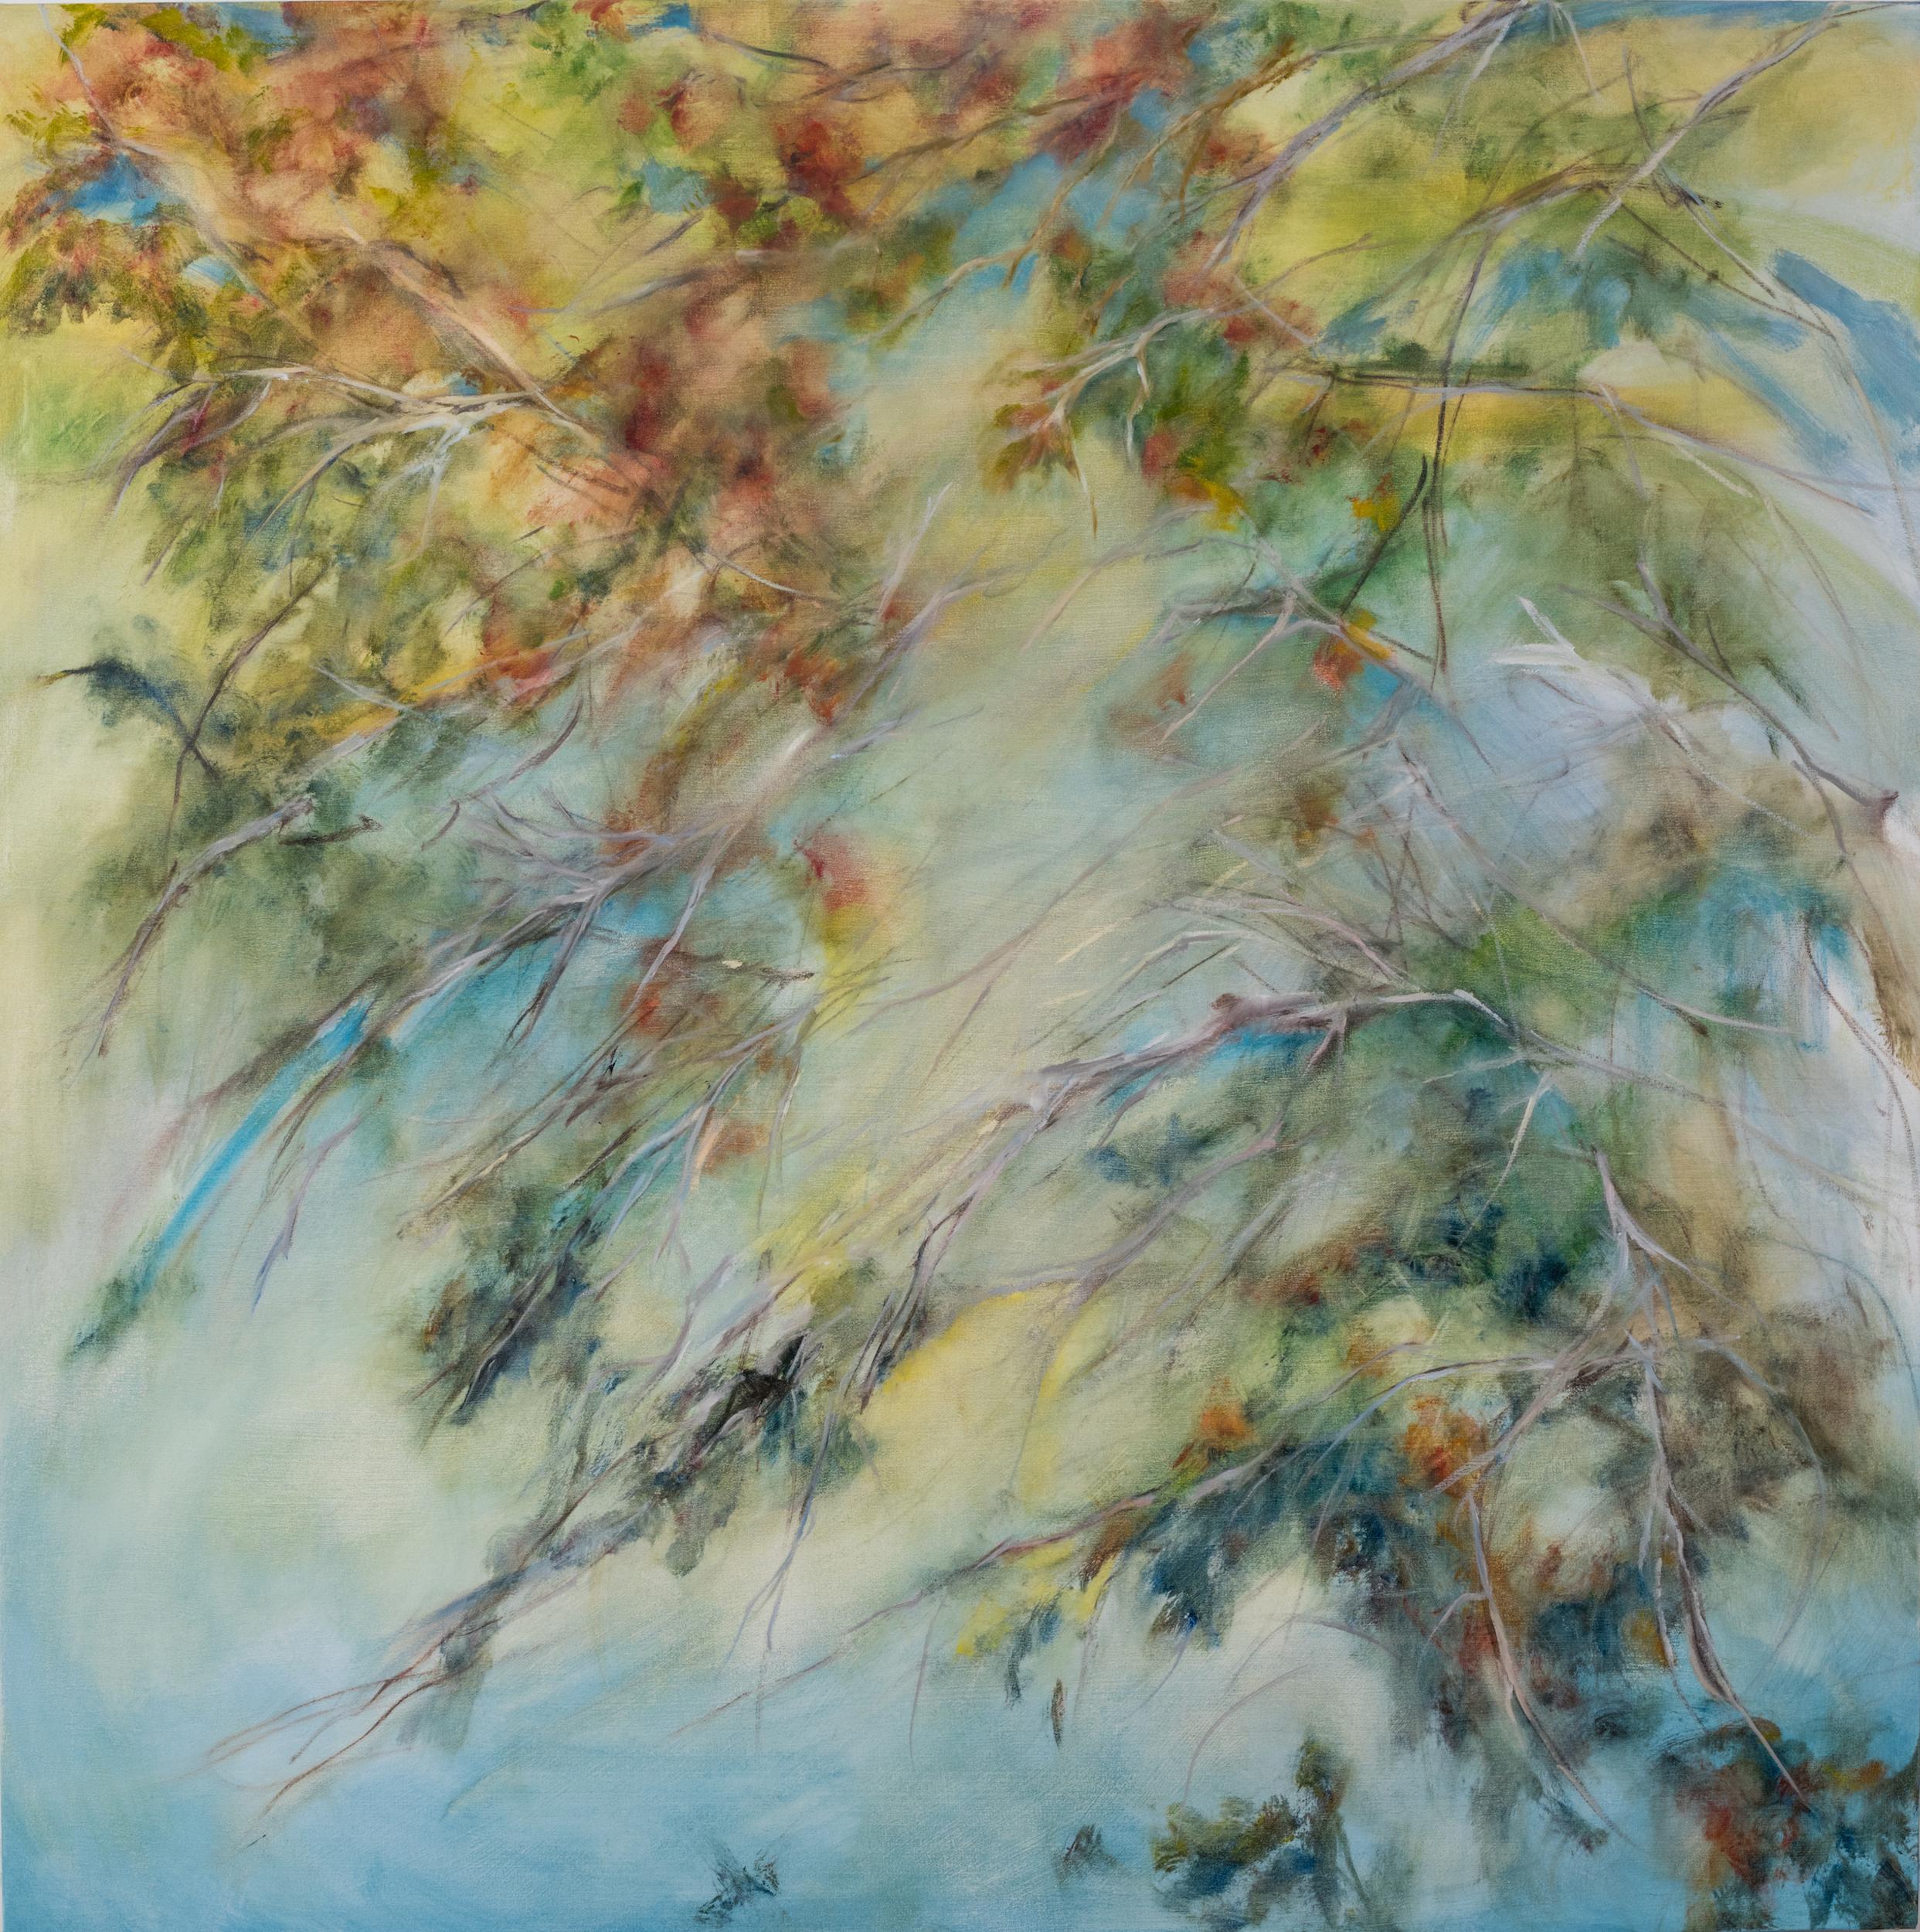 Sorella 1 , 54 x 54 inches, Oil on canvas